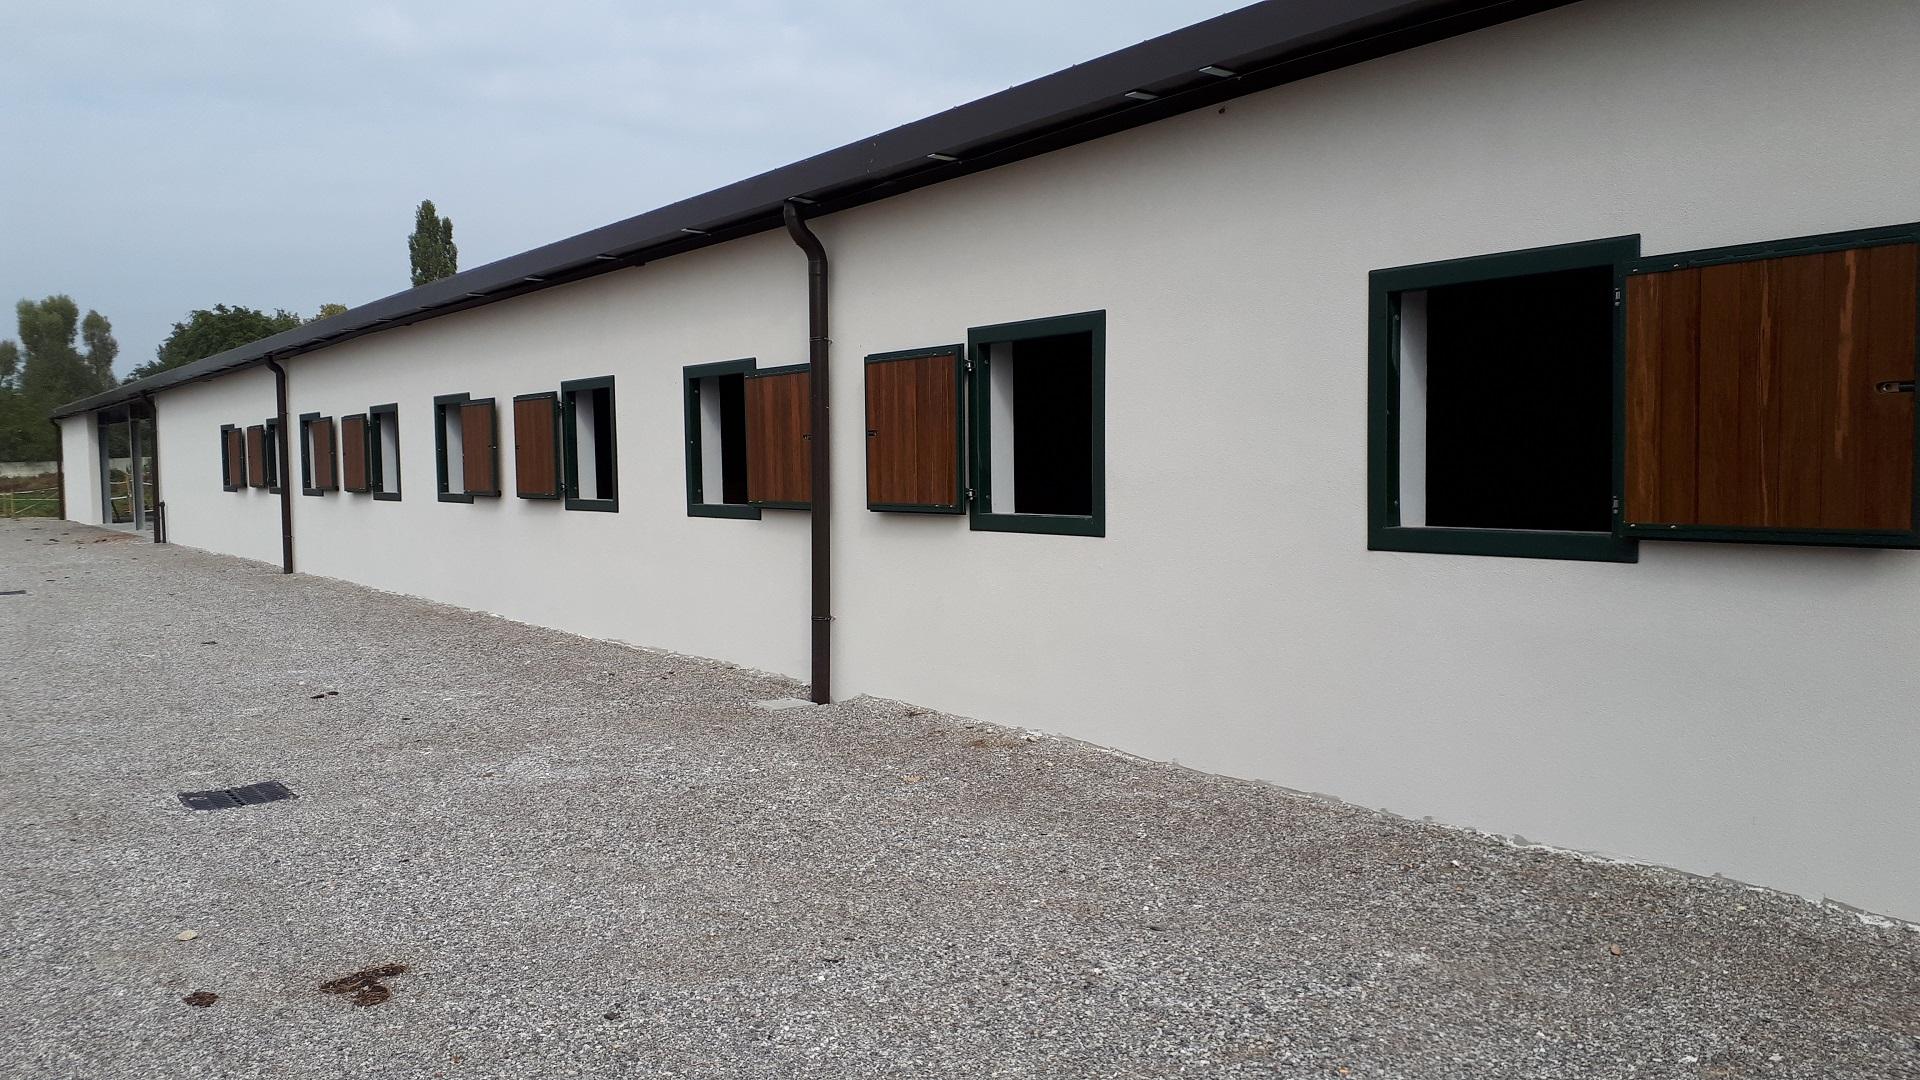 Finestre a misure realizzate con doppio telaio in ferro zincato e verniciato (sistema Triplex) tamponate a legno bamboo